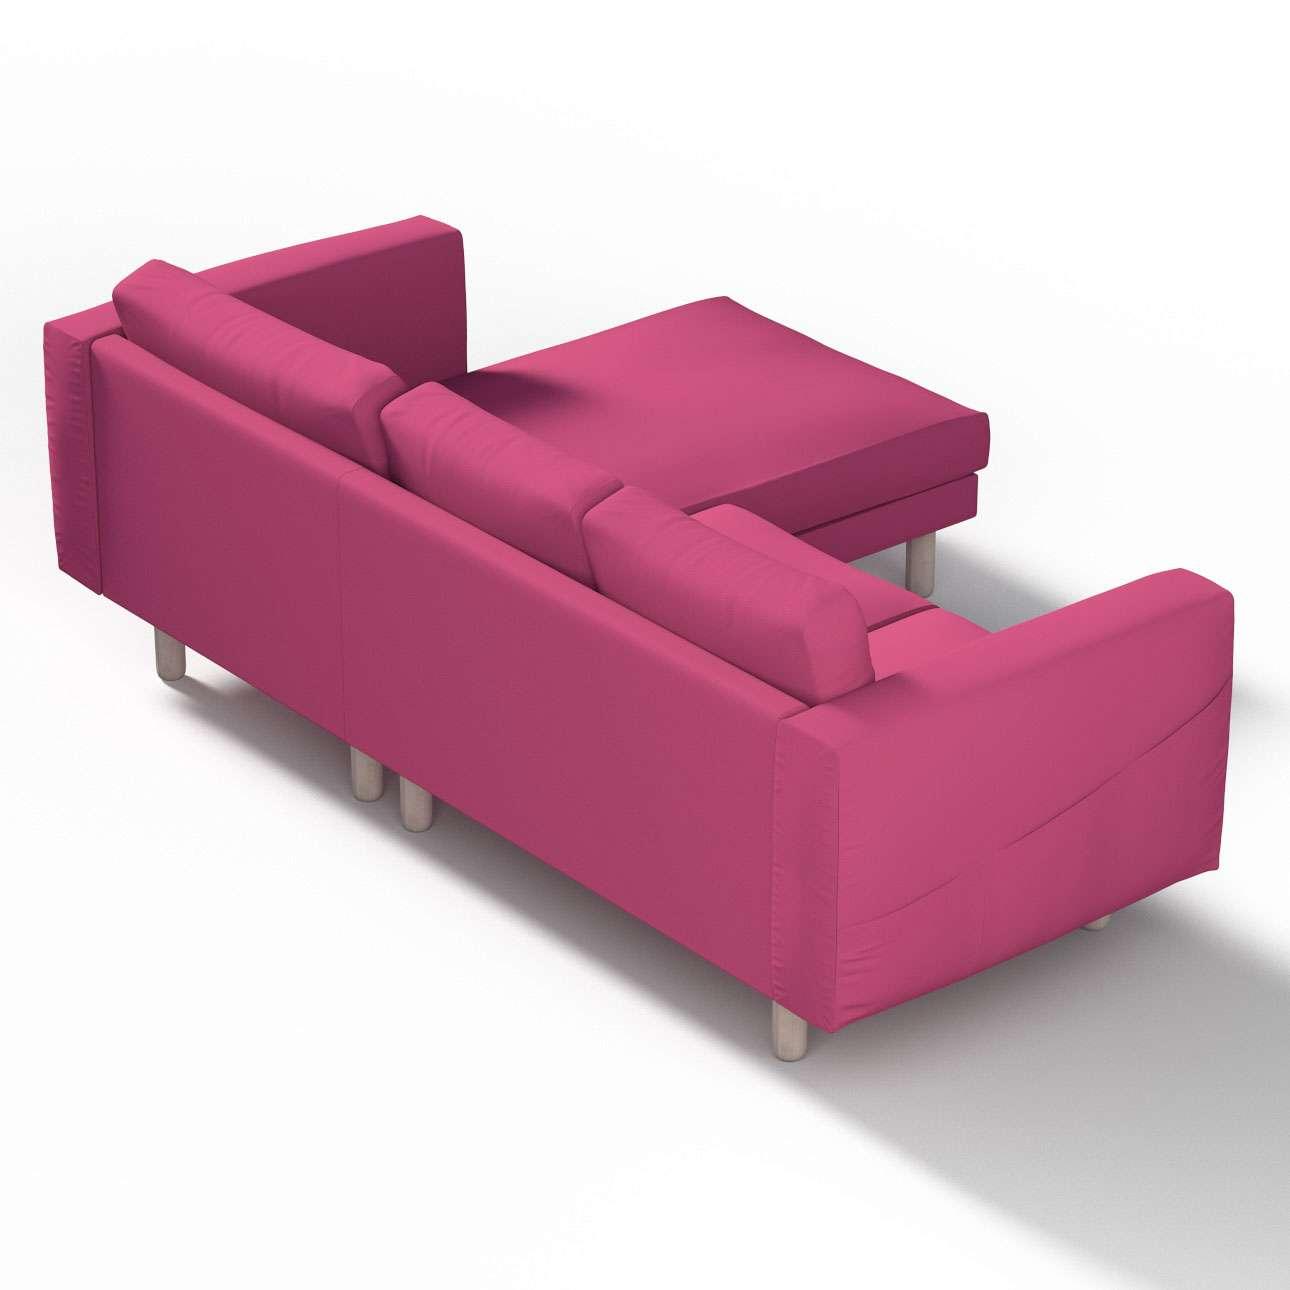 norsborg bezug f r 3 sitzer sofa mit recamiere amarant dekoria. Black Bedroom Furniture Sets. Home Design Ideas